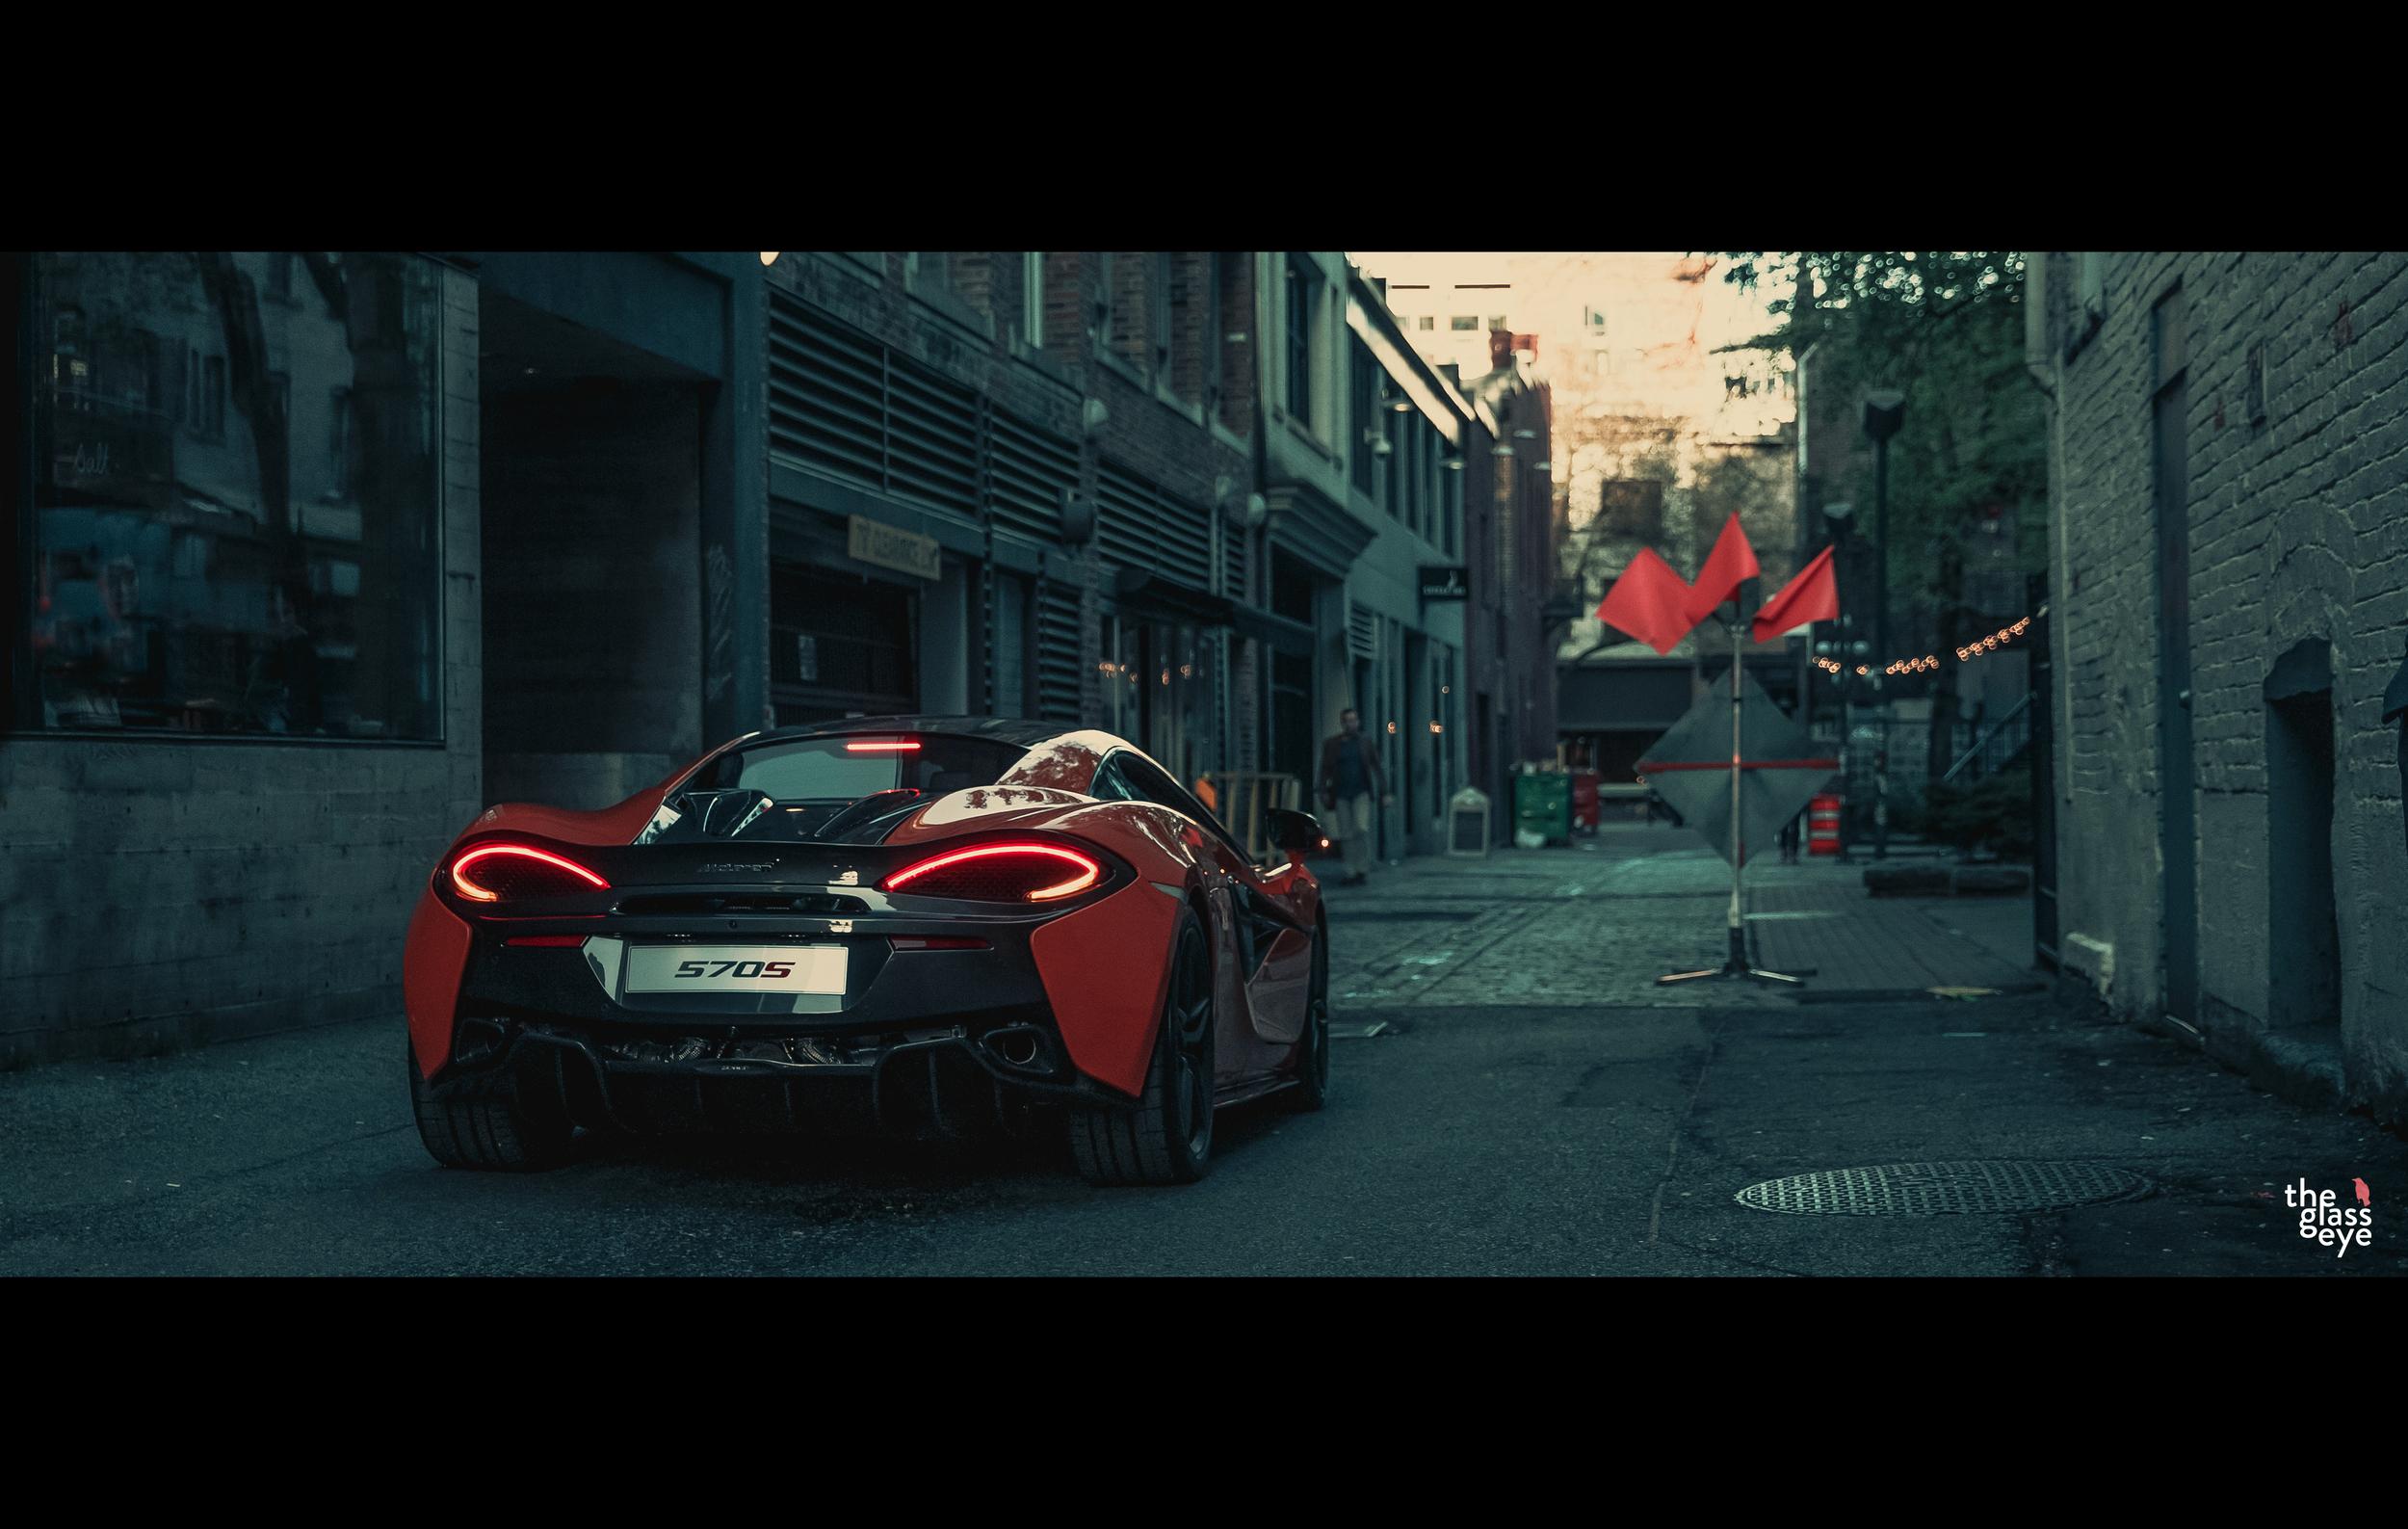 McLaren_570S_Vancouver_007.jpg